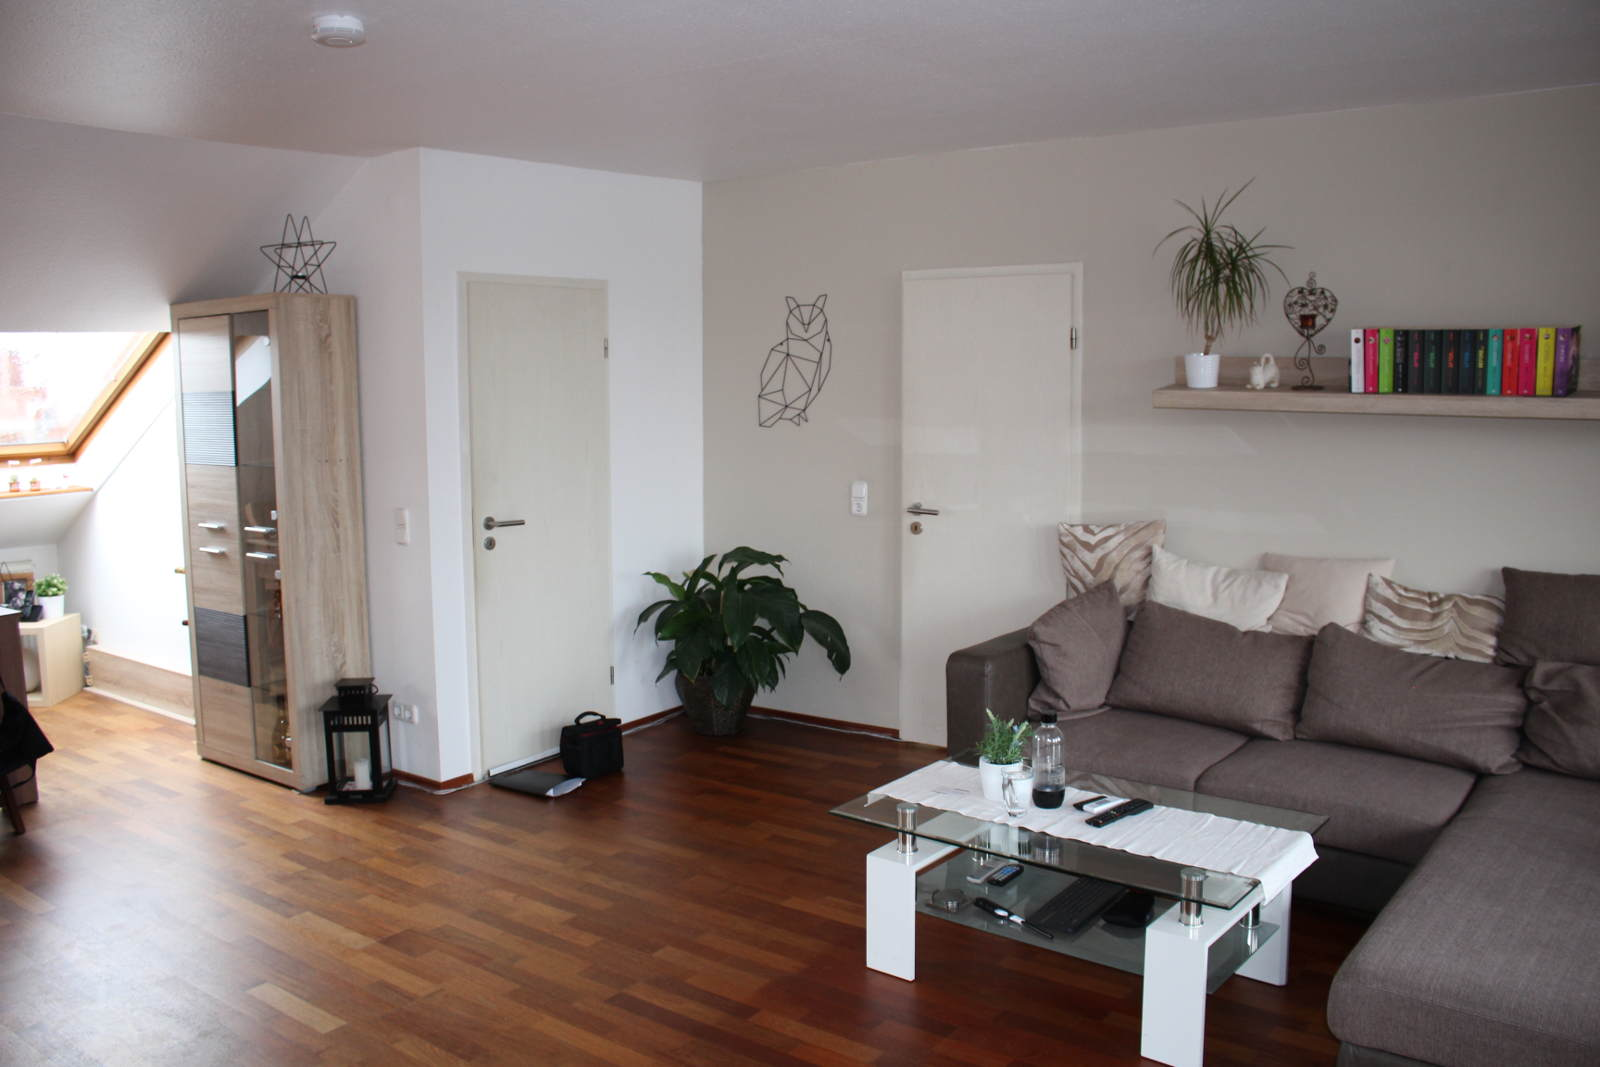 verkauft seltene gelegenheit helle wohnung im altbremer haus mit gro er dachterrasse und blick. Black Bedroom Furniture Sets. Home Design Ideas